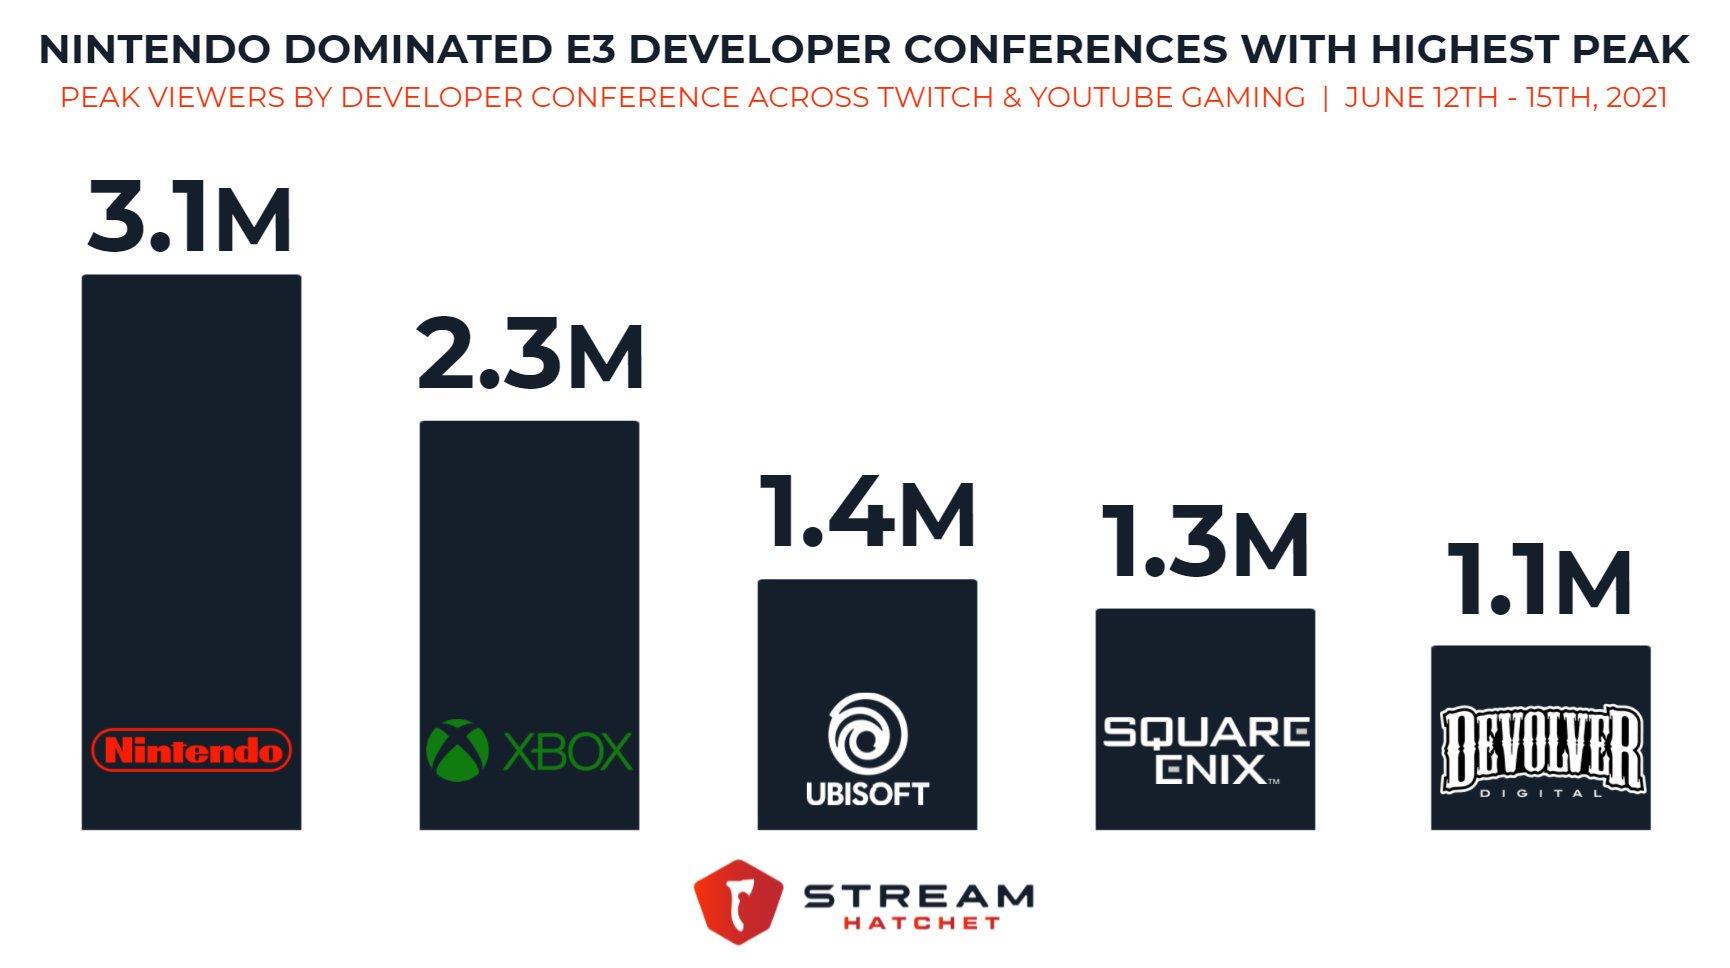 微软:今年E3发表会打破纪录 观看人数有史以来最多